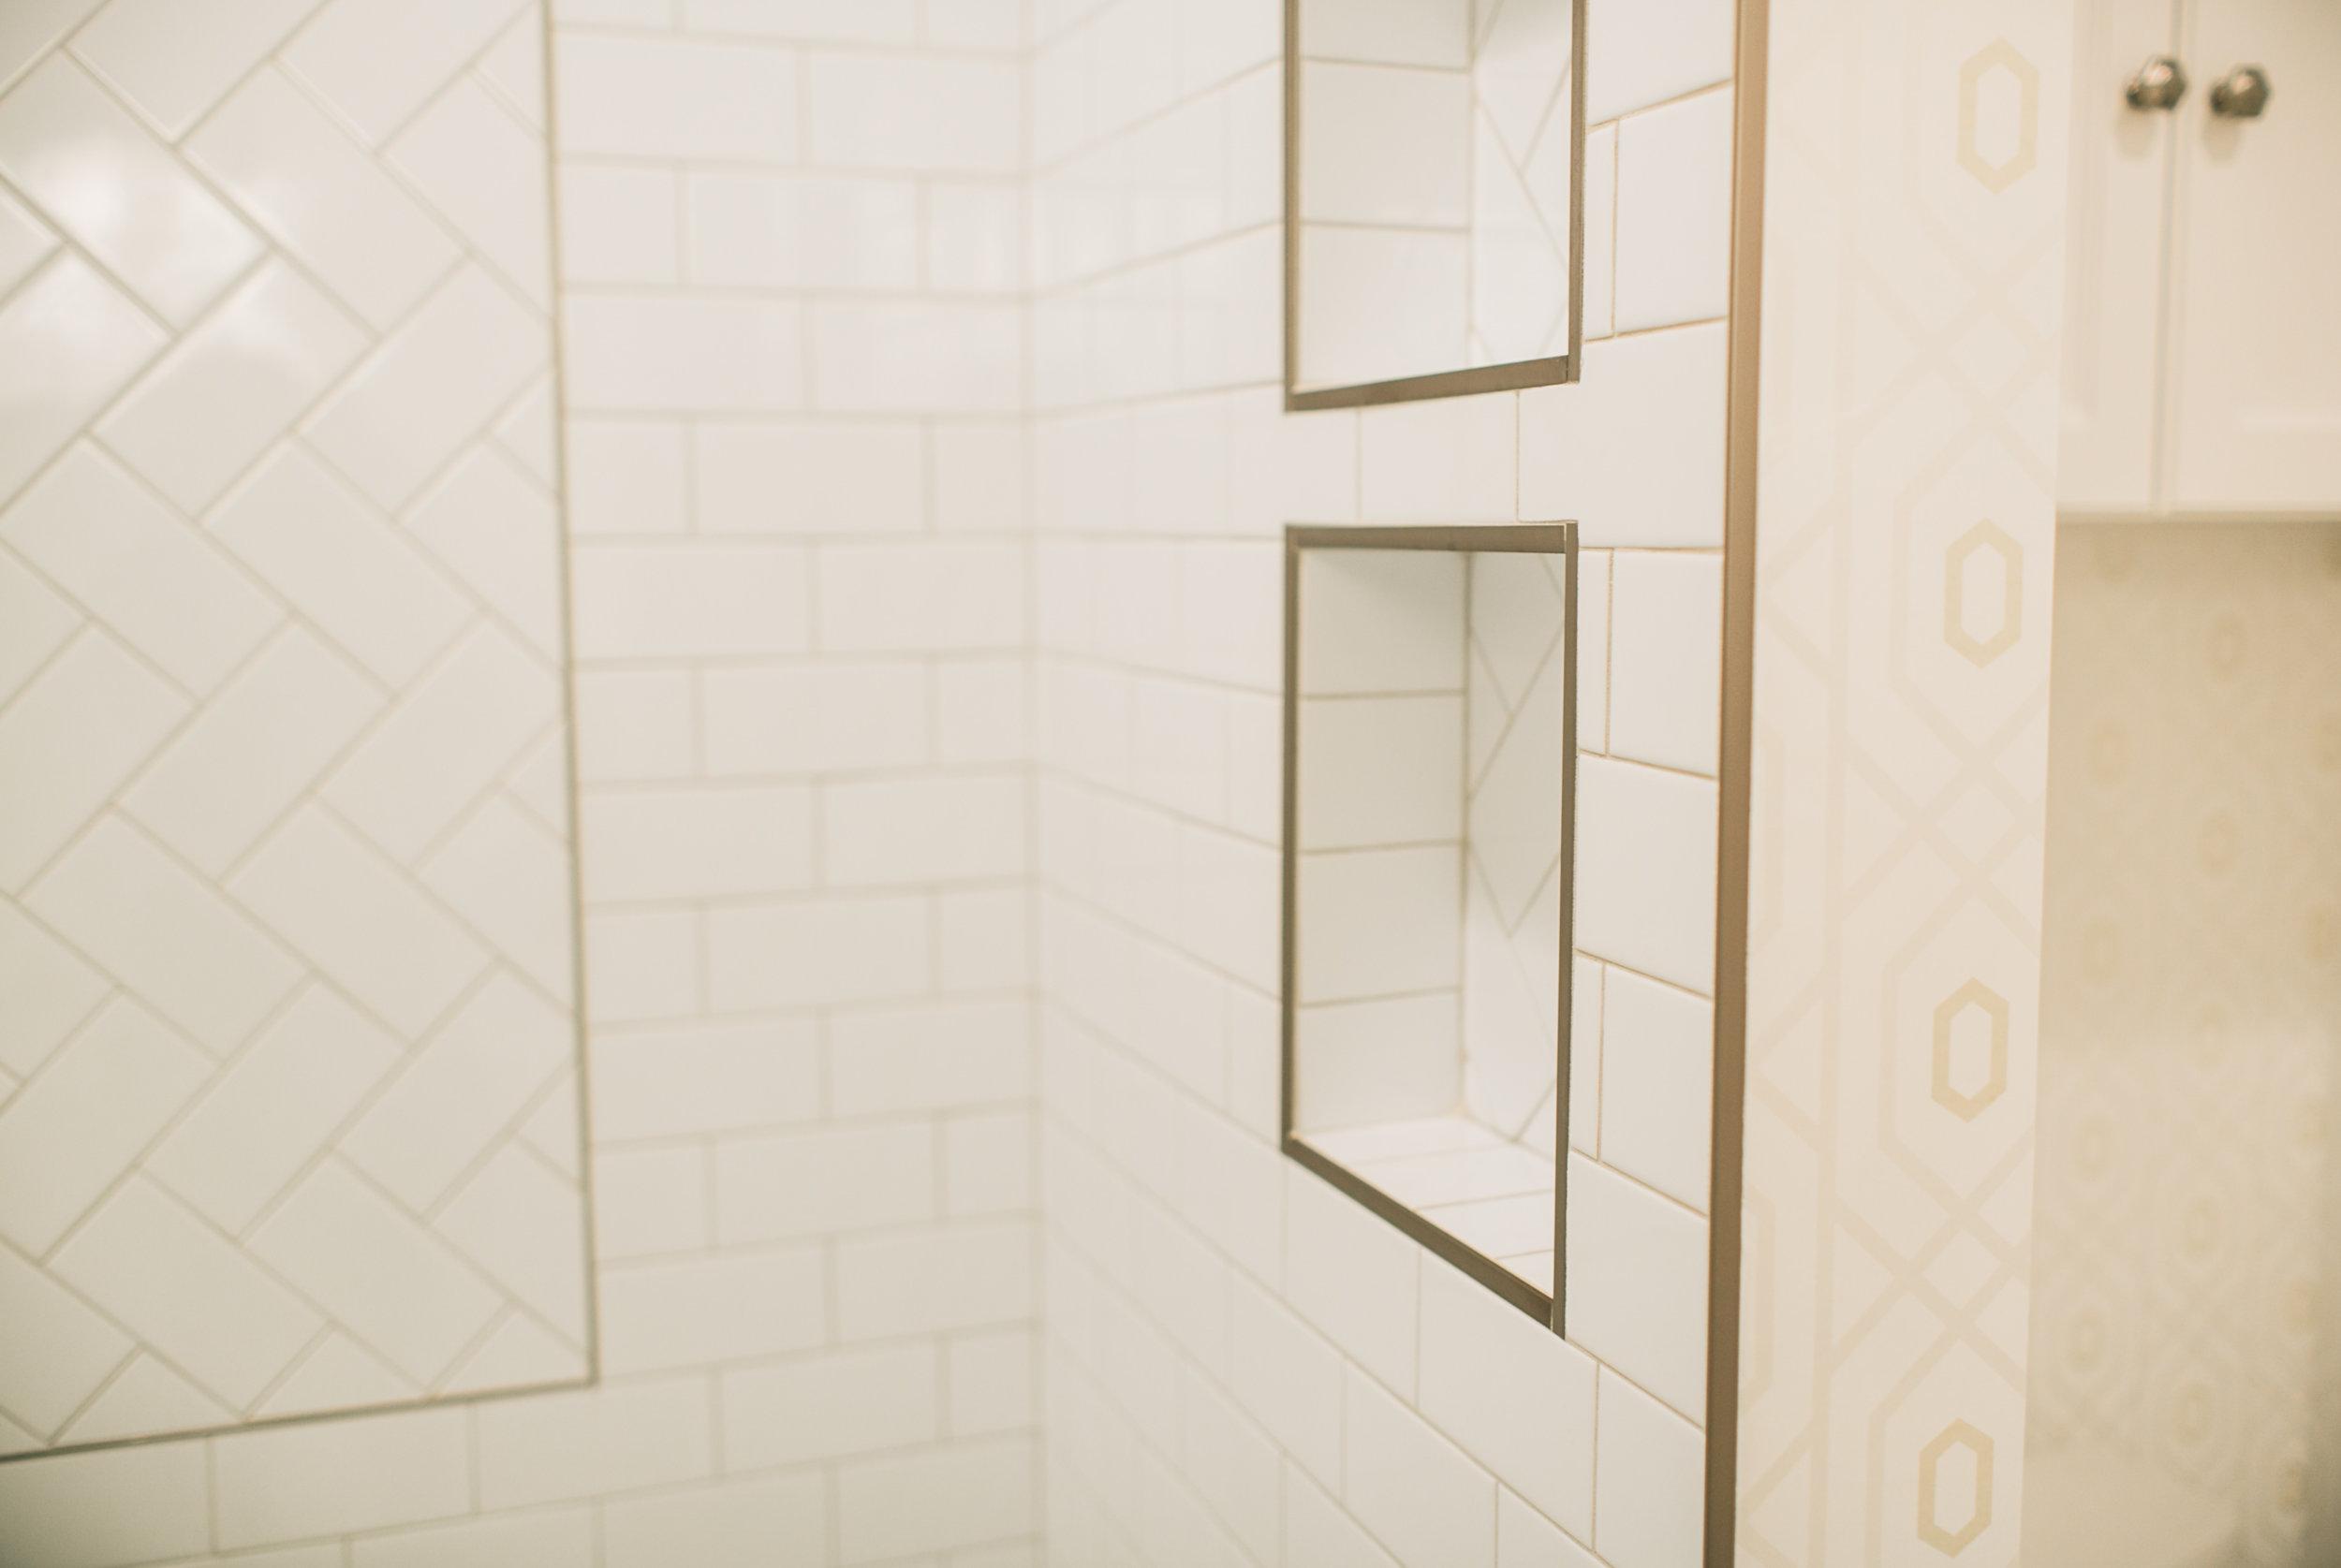 Bathroom Remodel 277.jpg